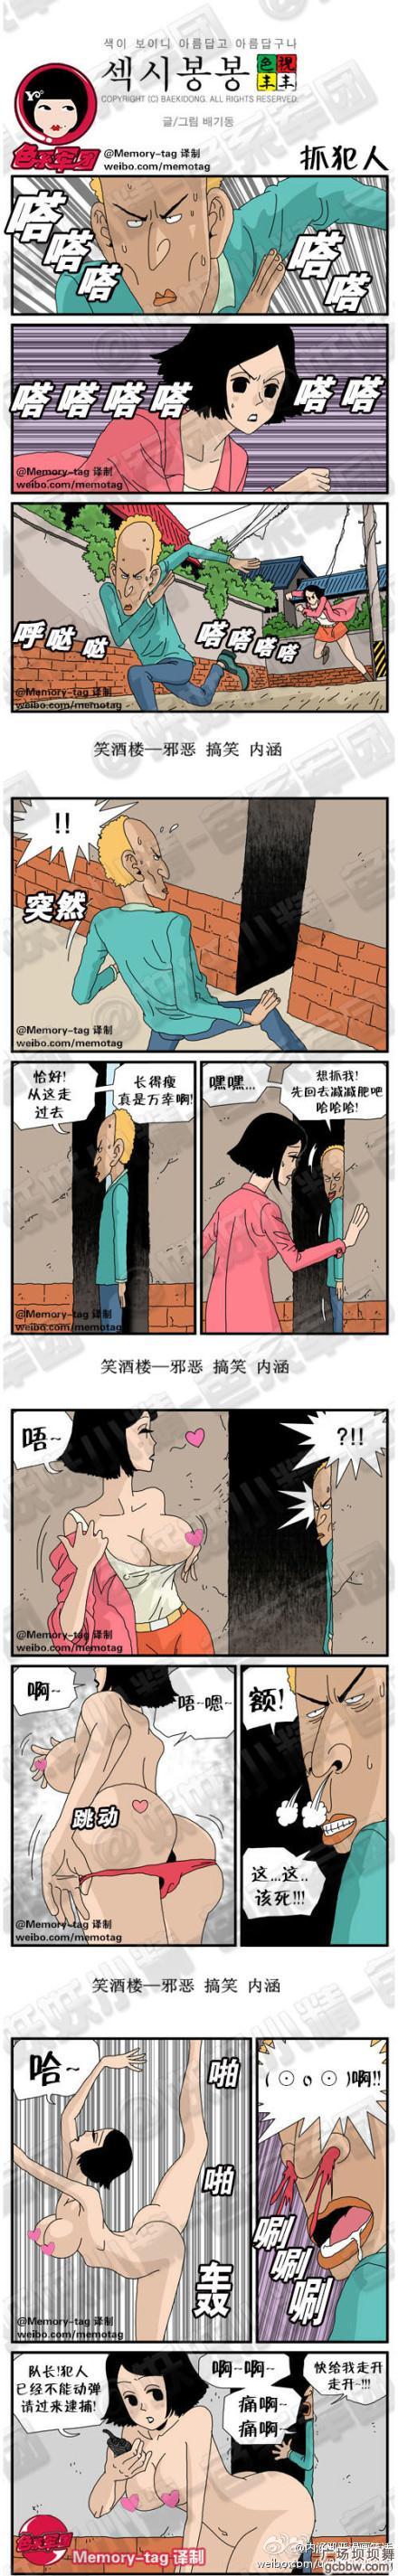 邪恶漫画:色系军团美女抓犯人来了